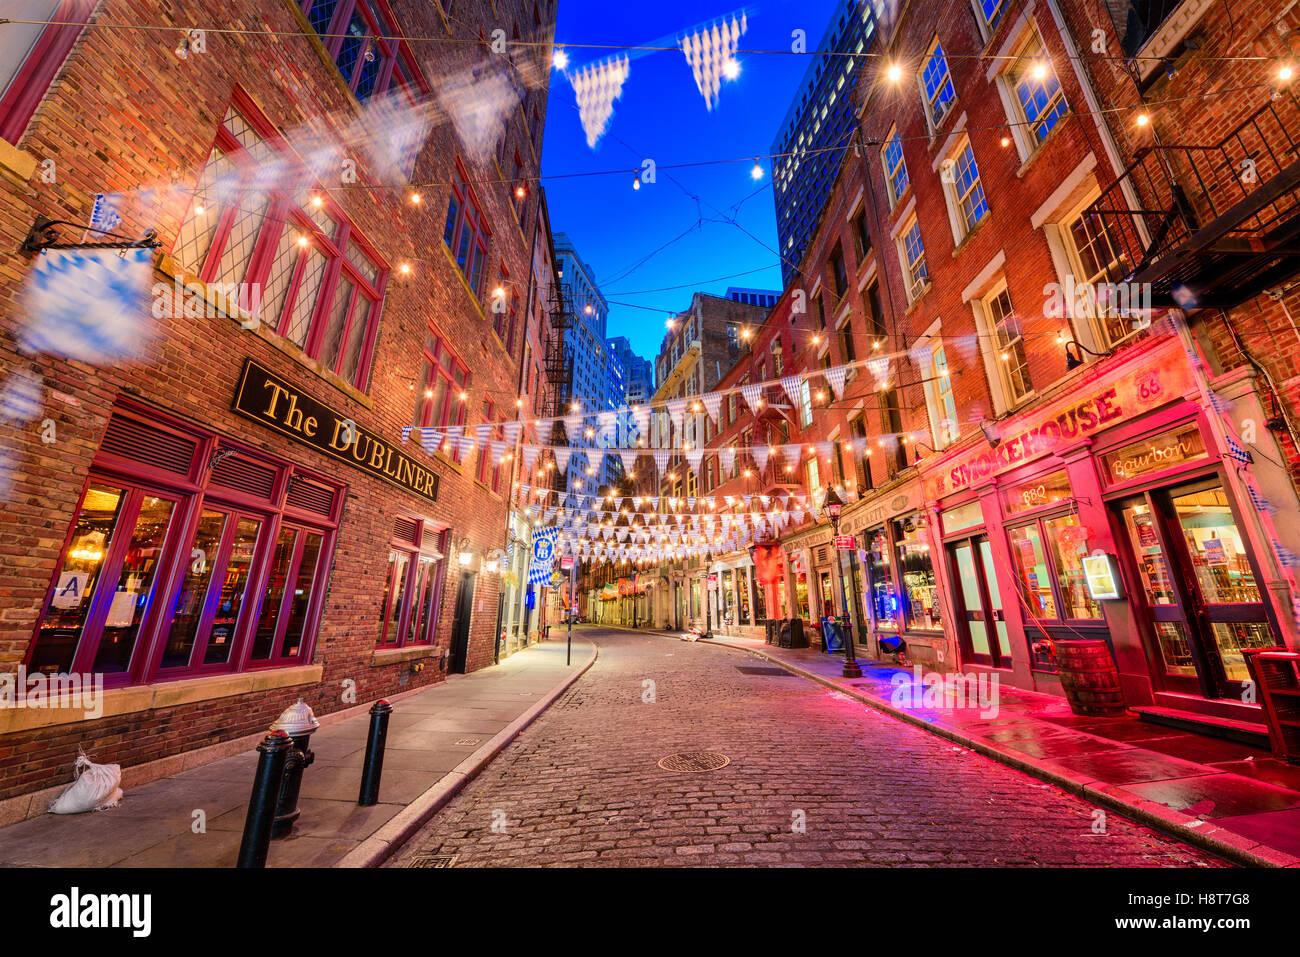 La CIUDAD DE NUEVA YORK - 12 de noviembre de 2016: Stone Street en el distrito financiero de Manhattan. Imagen De Stock